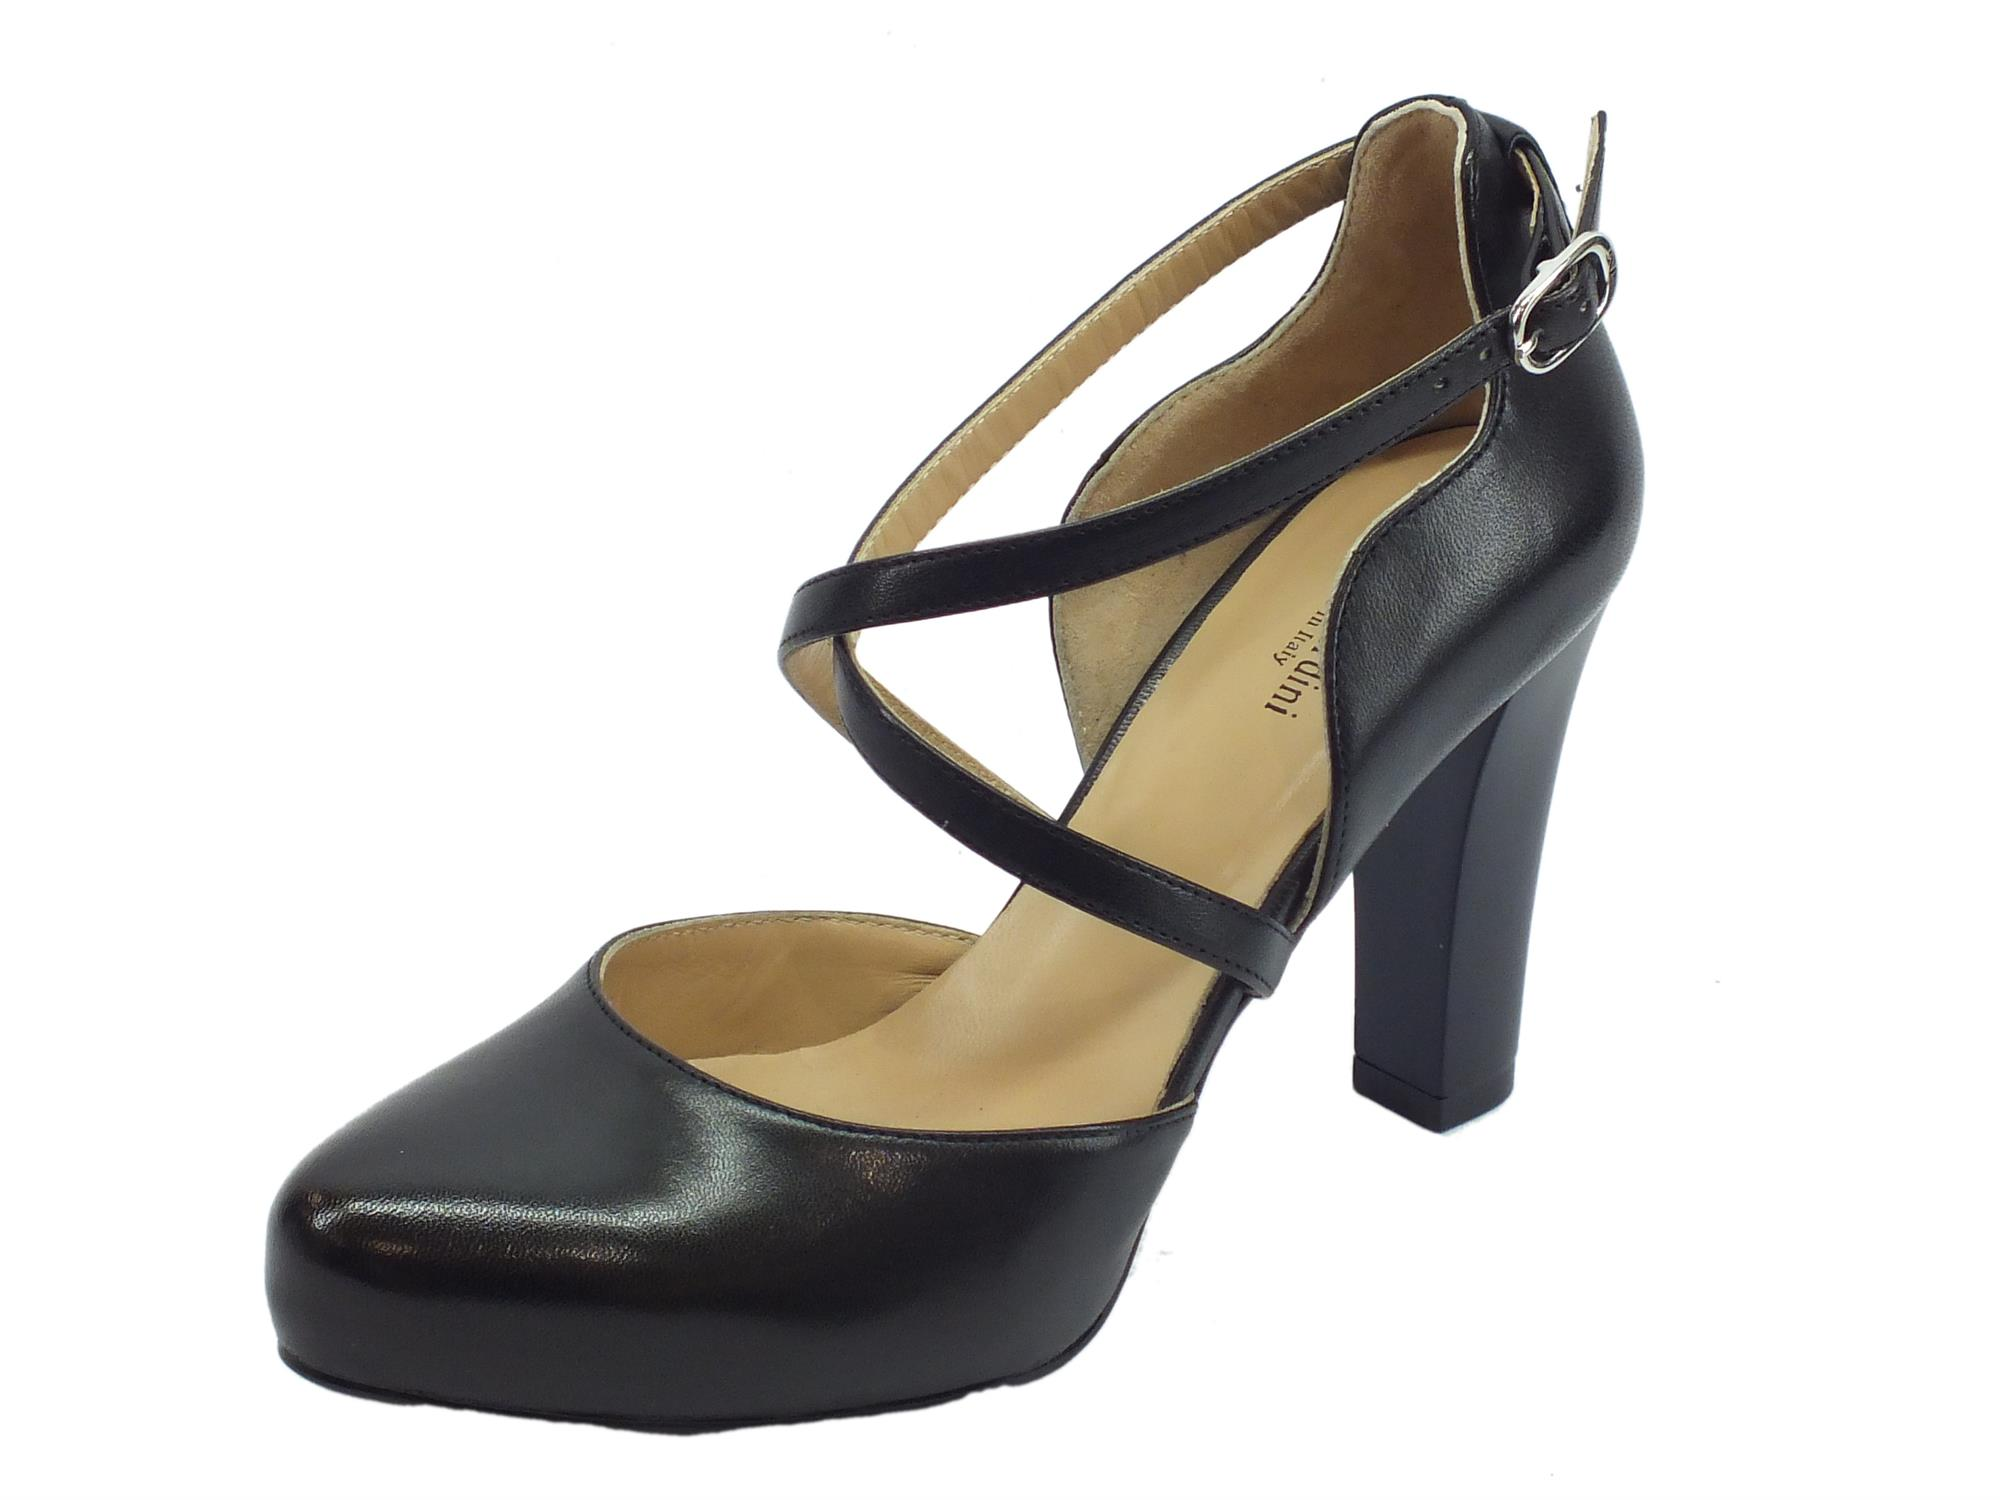 colori e suggestivi vari stili promozione speciale Decoltè elegante NeroGiardini per donna in pelle nera tacco alto taglio  ondulato